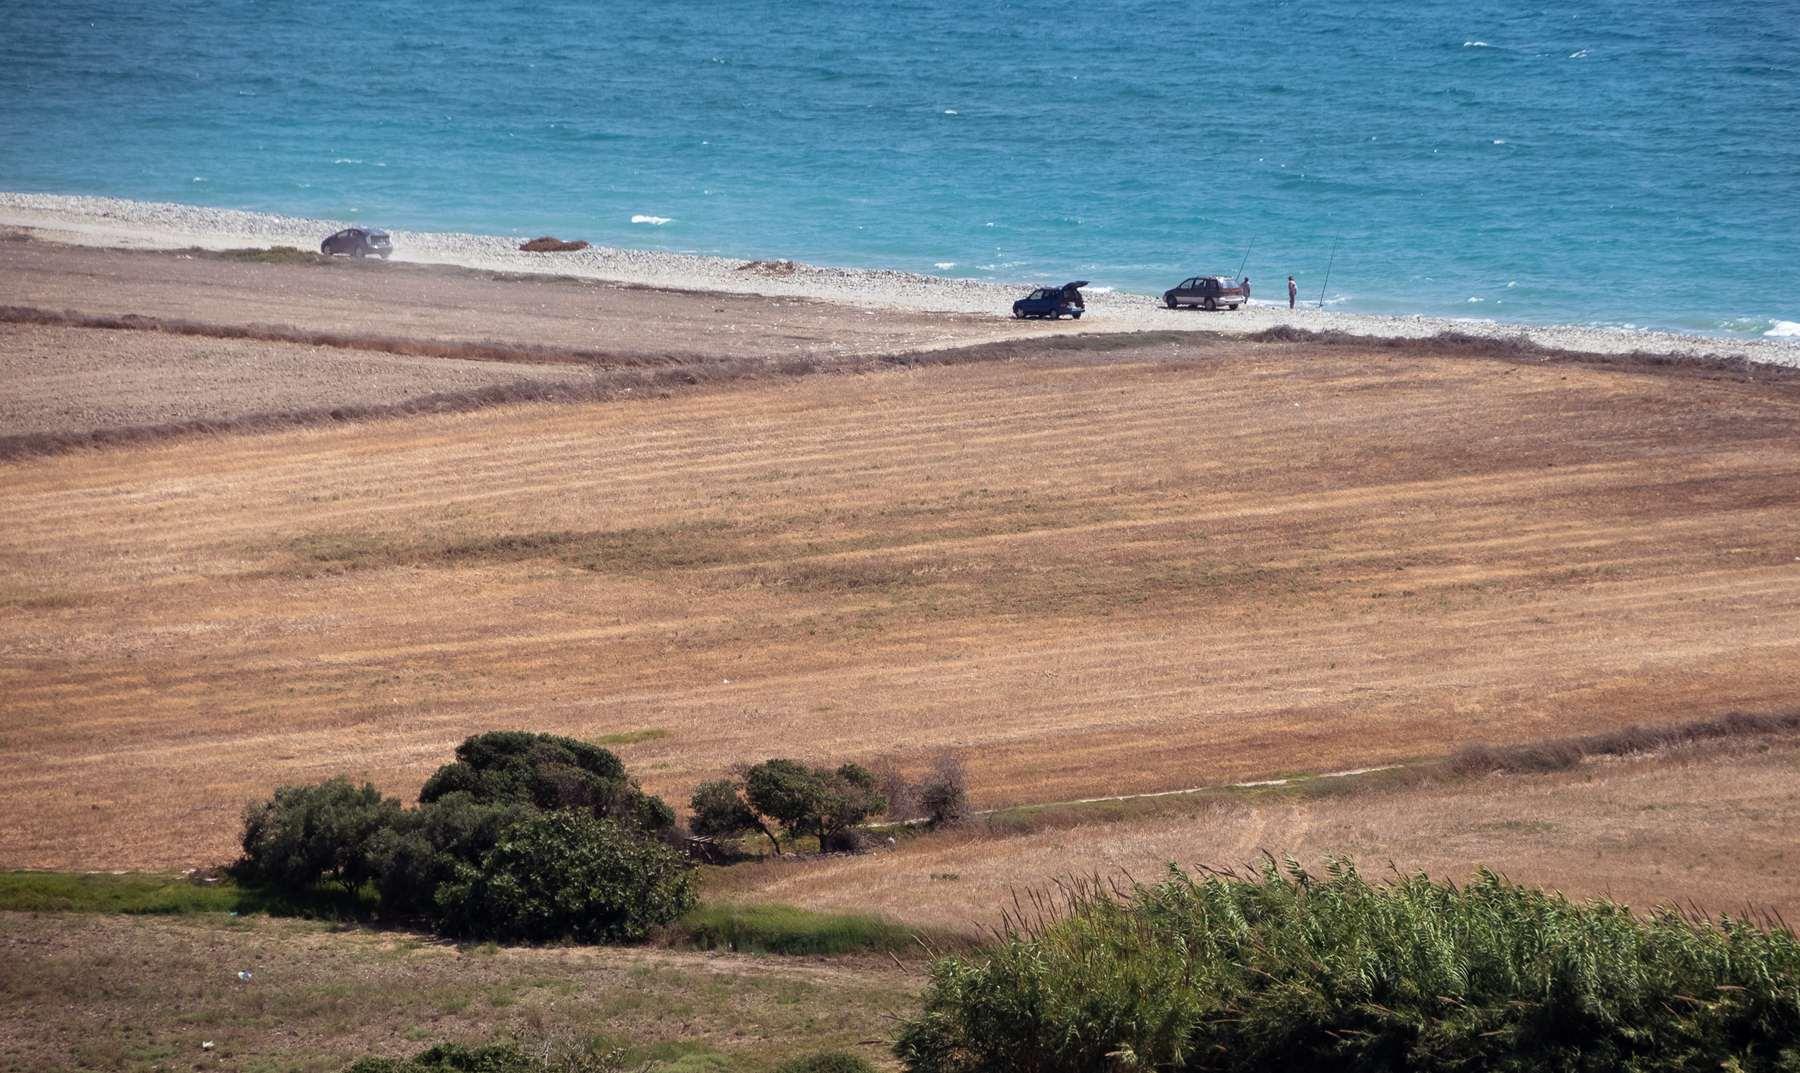 Пляж около Куриона (Coureon beach) издалека